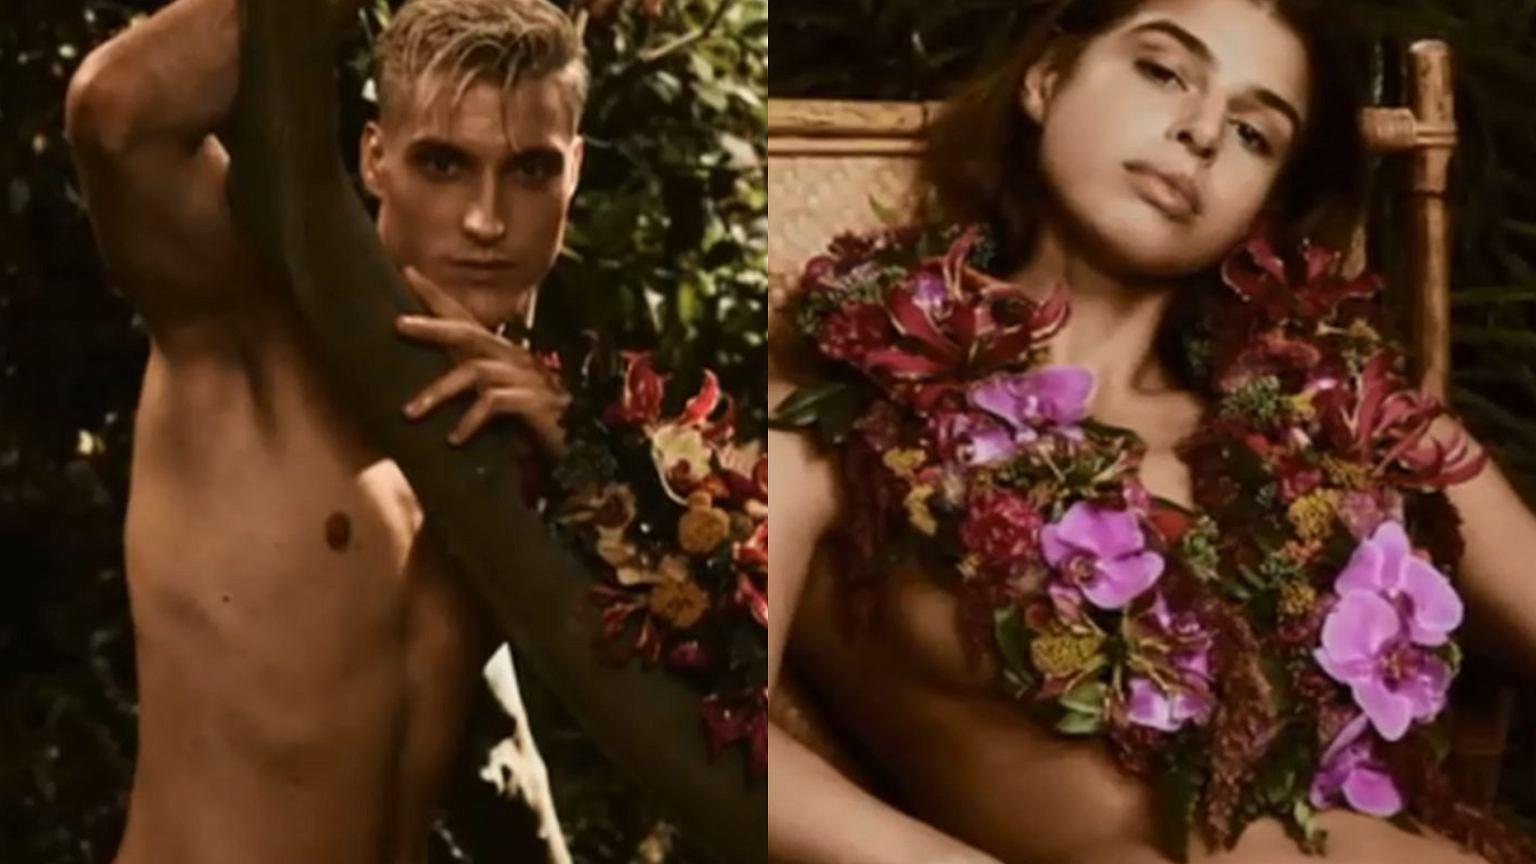 naturalne nagie modele gej przejebane przez Duży Dick